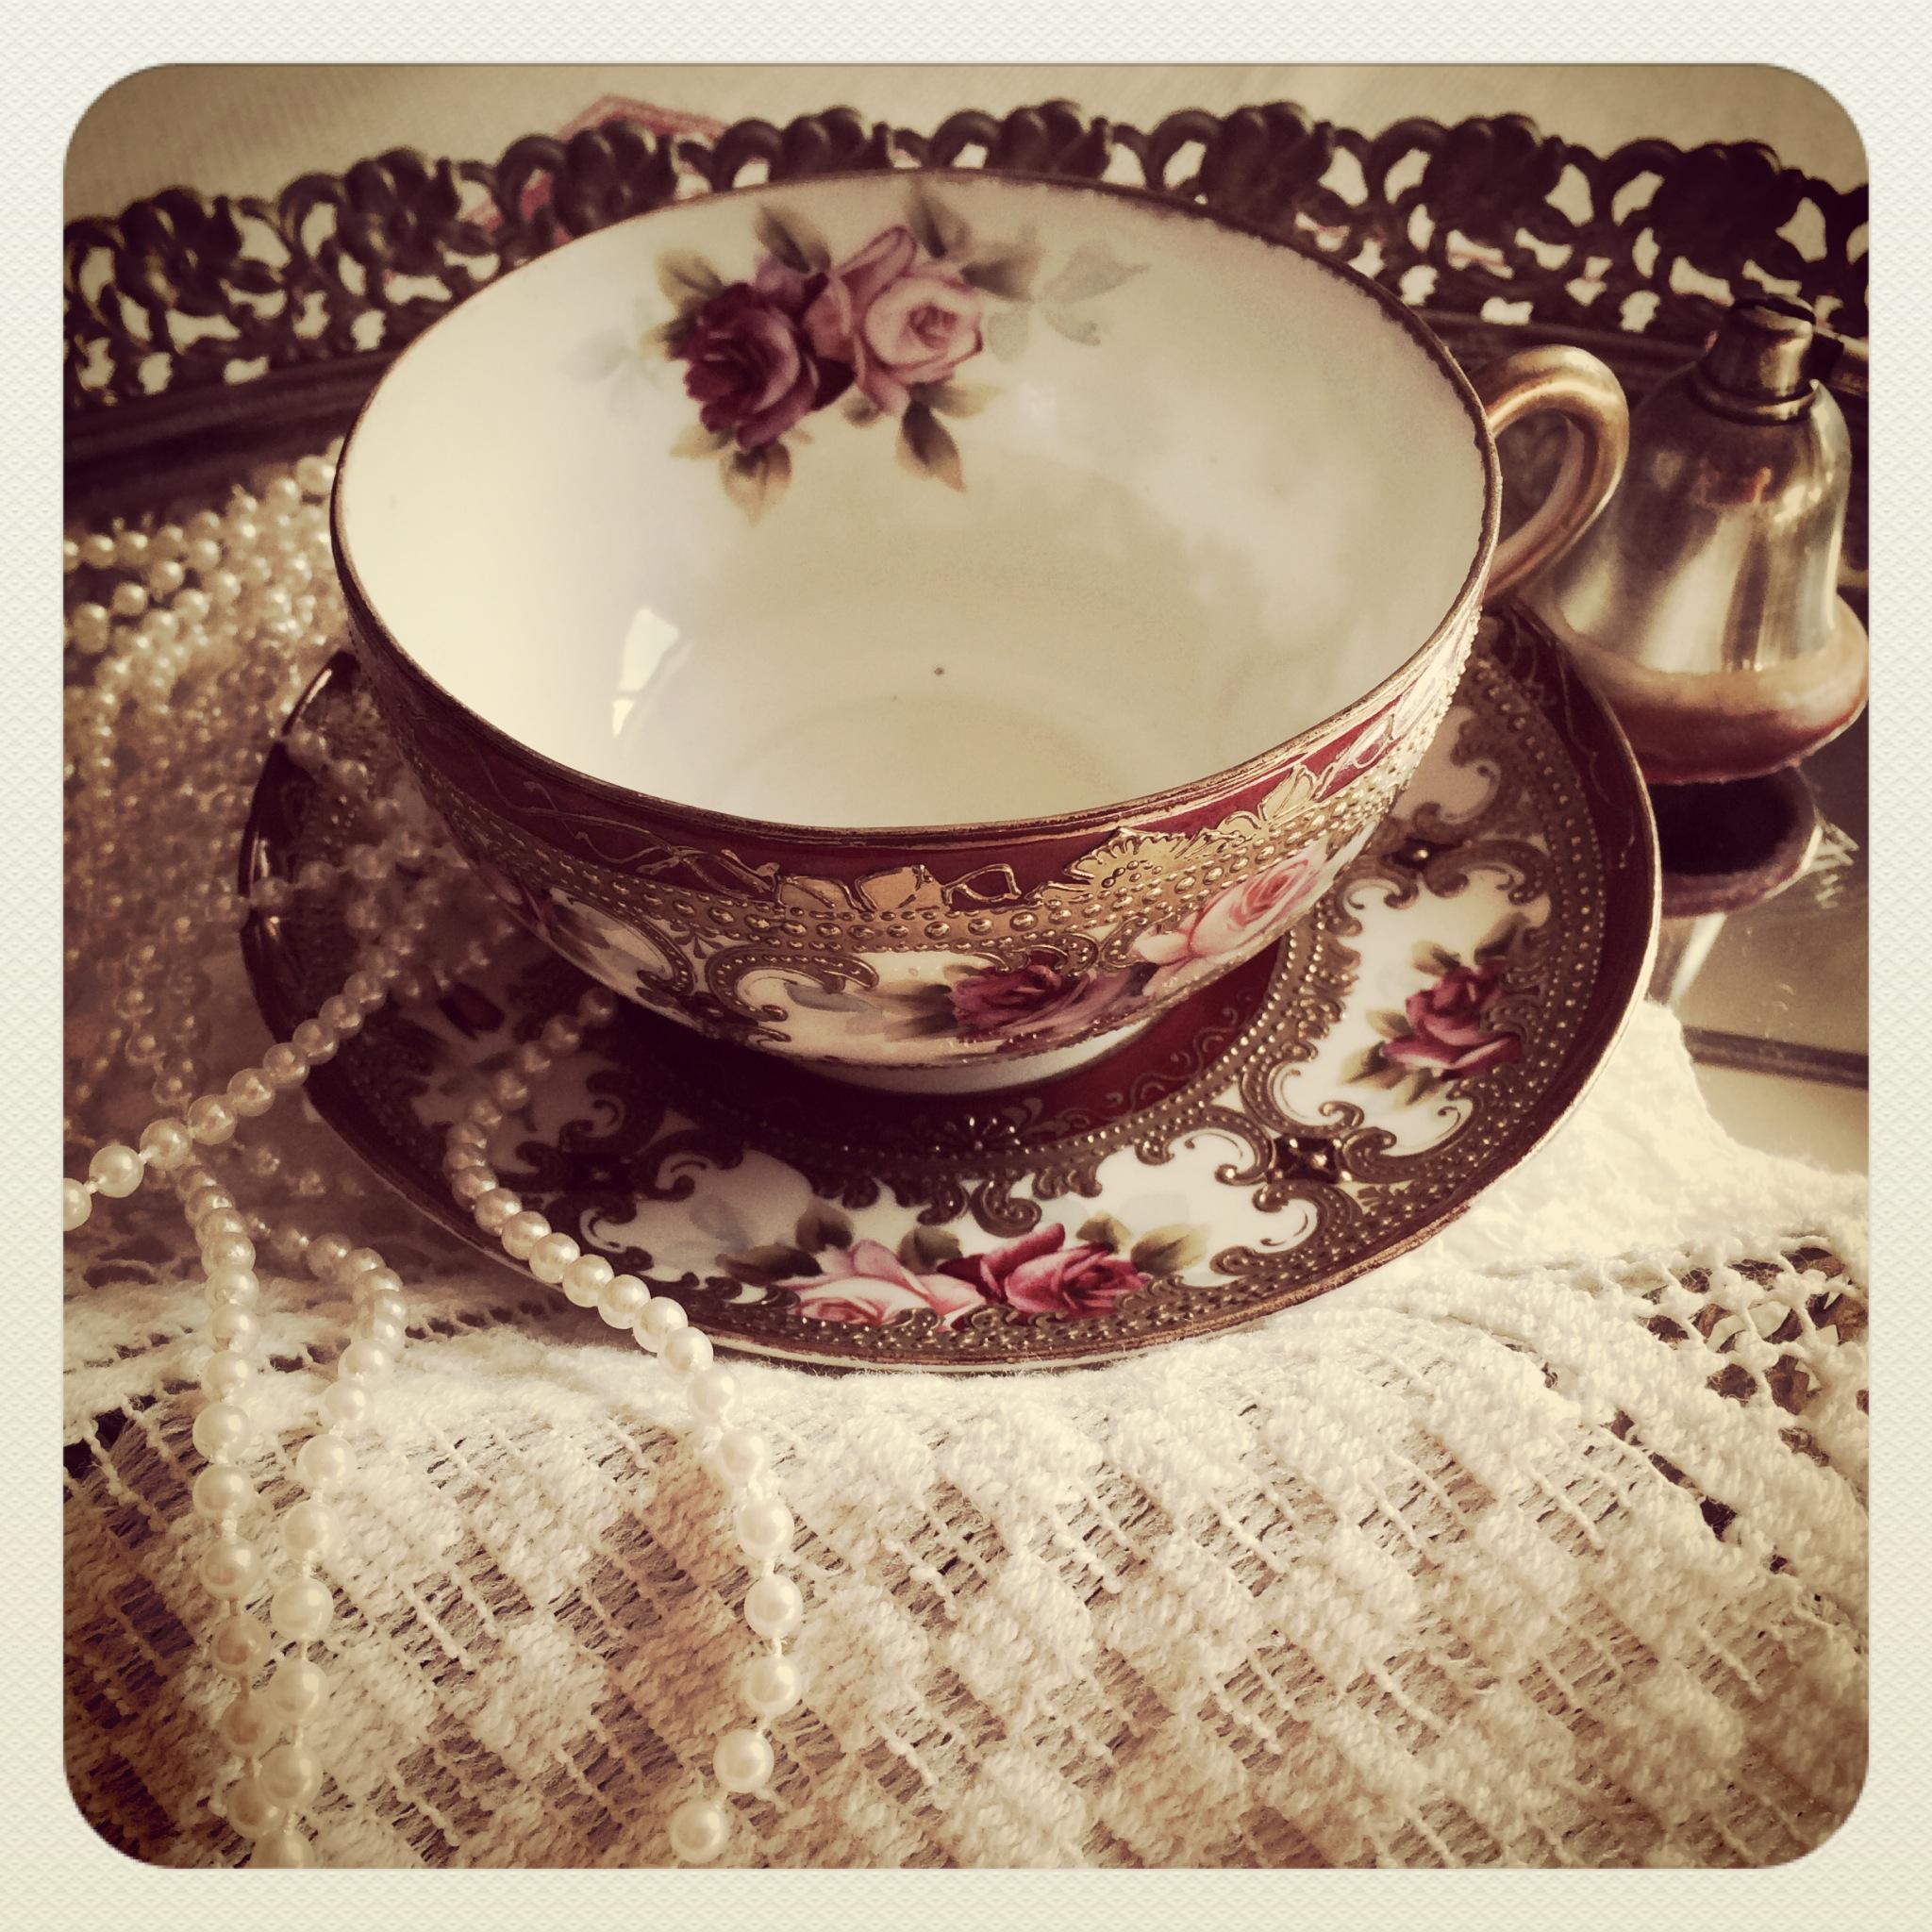 Beautiful vintage Teacup